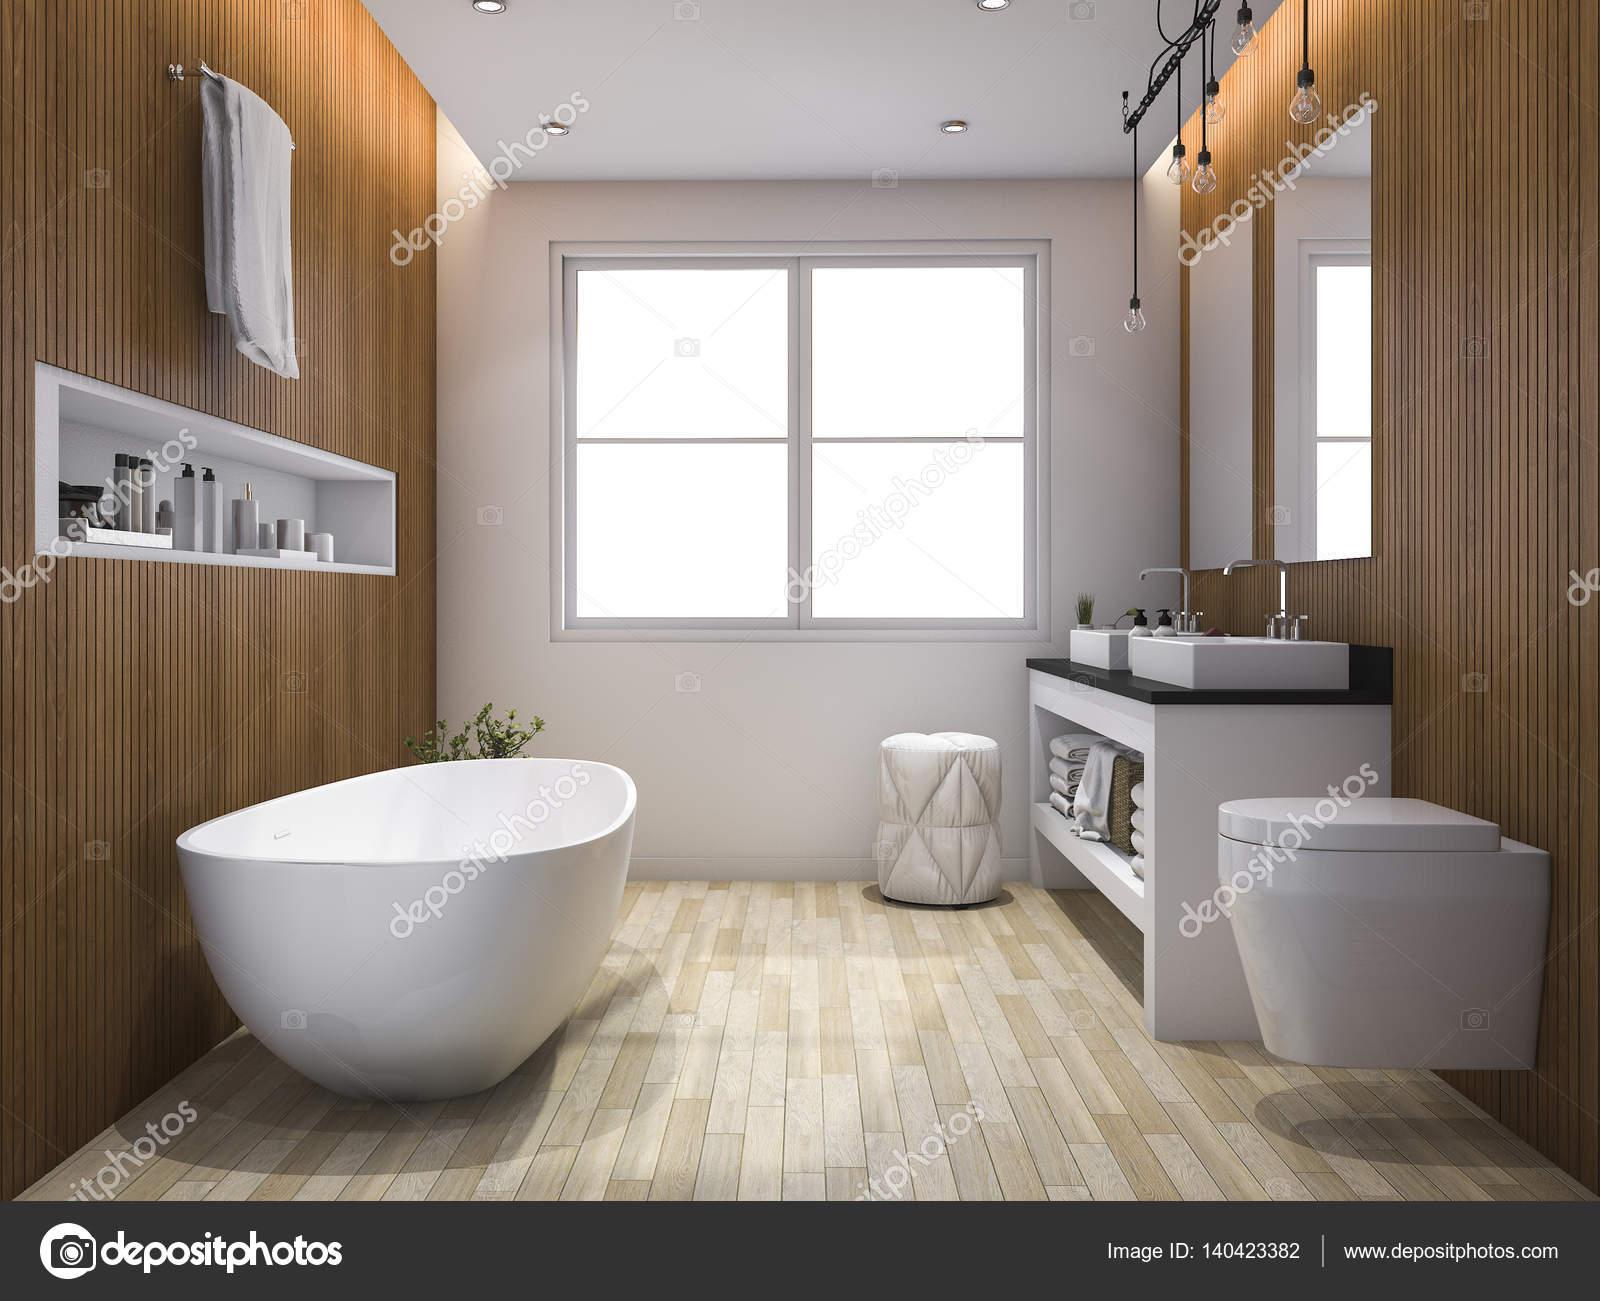 Wunderbar 3D Rendering Luxus Holz Stil Badezimmer Und Toilette U2014 Stockfoto